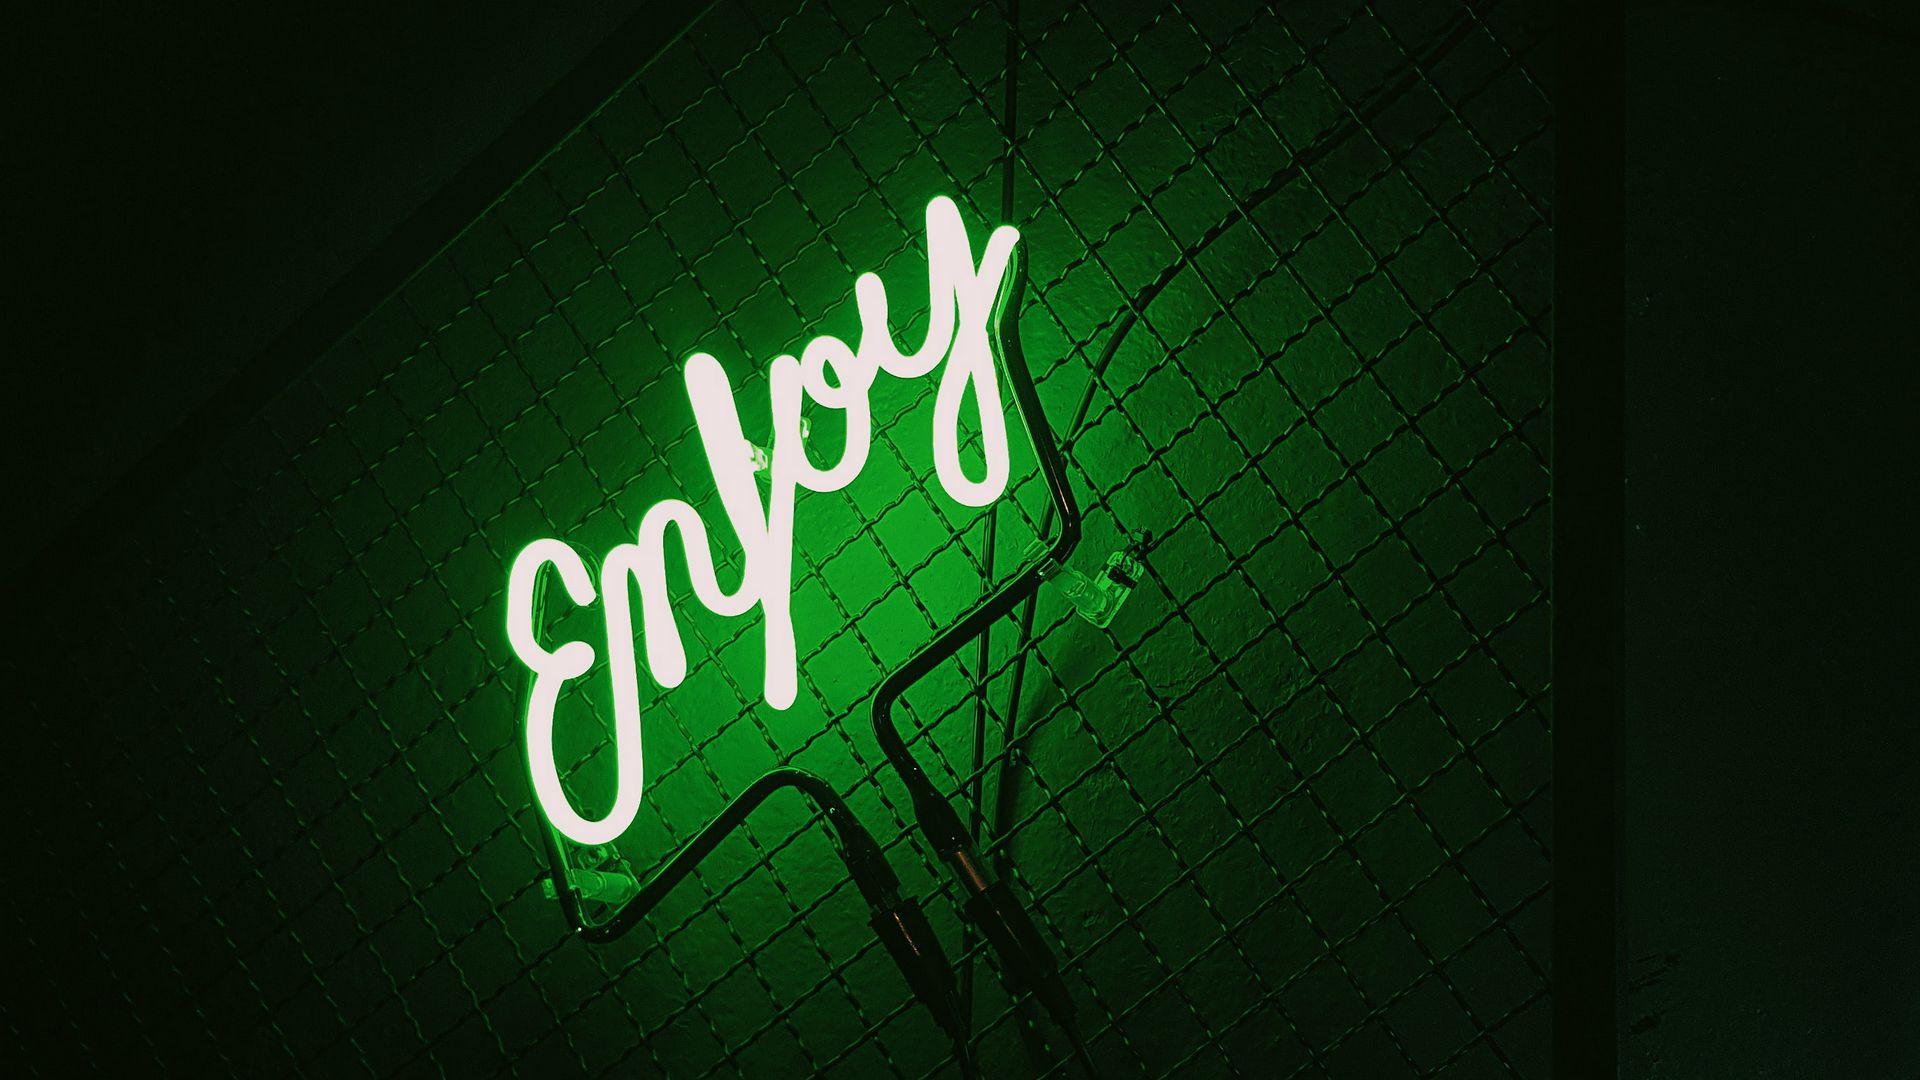 1920x1080 Wallpaper inscription, neon, backlight, green, dark